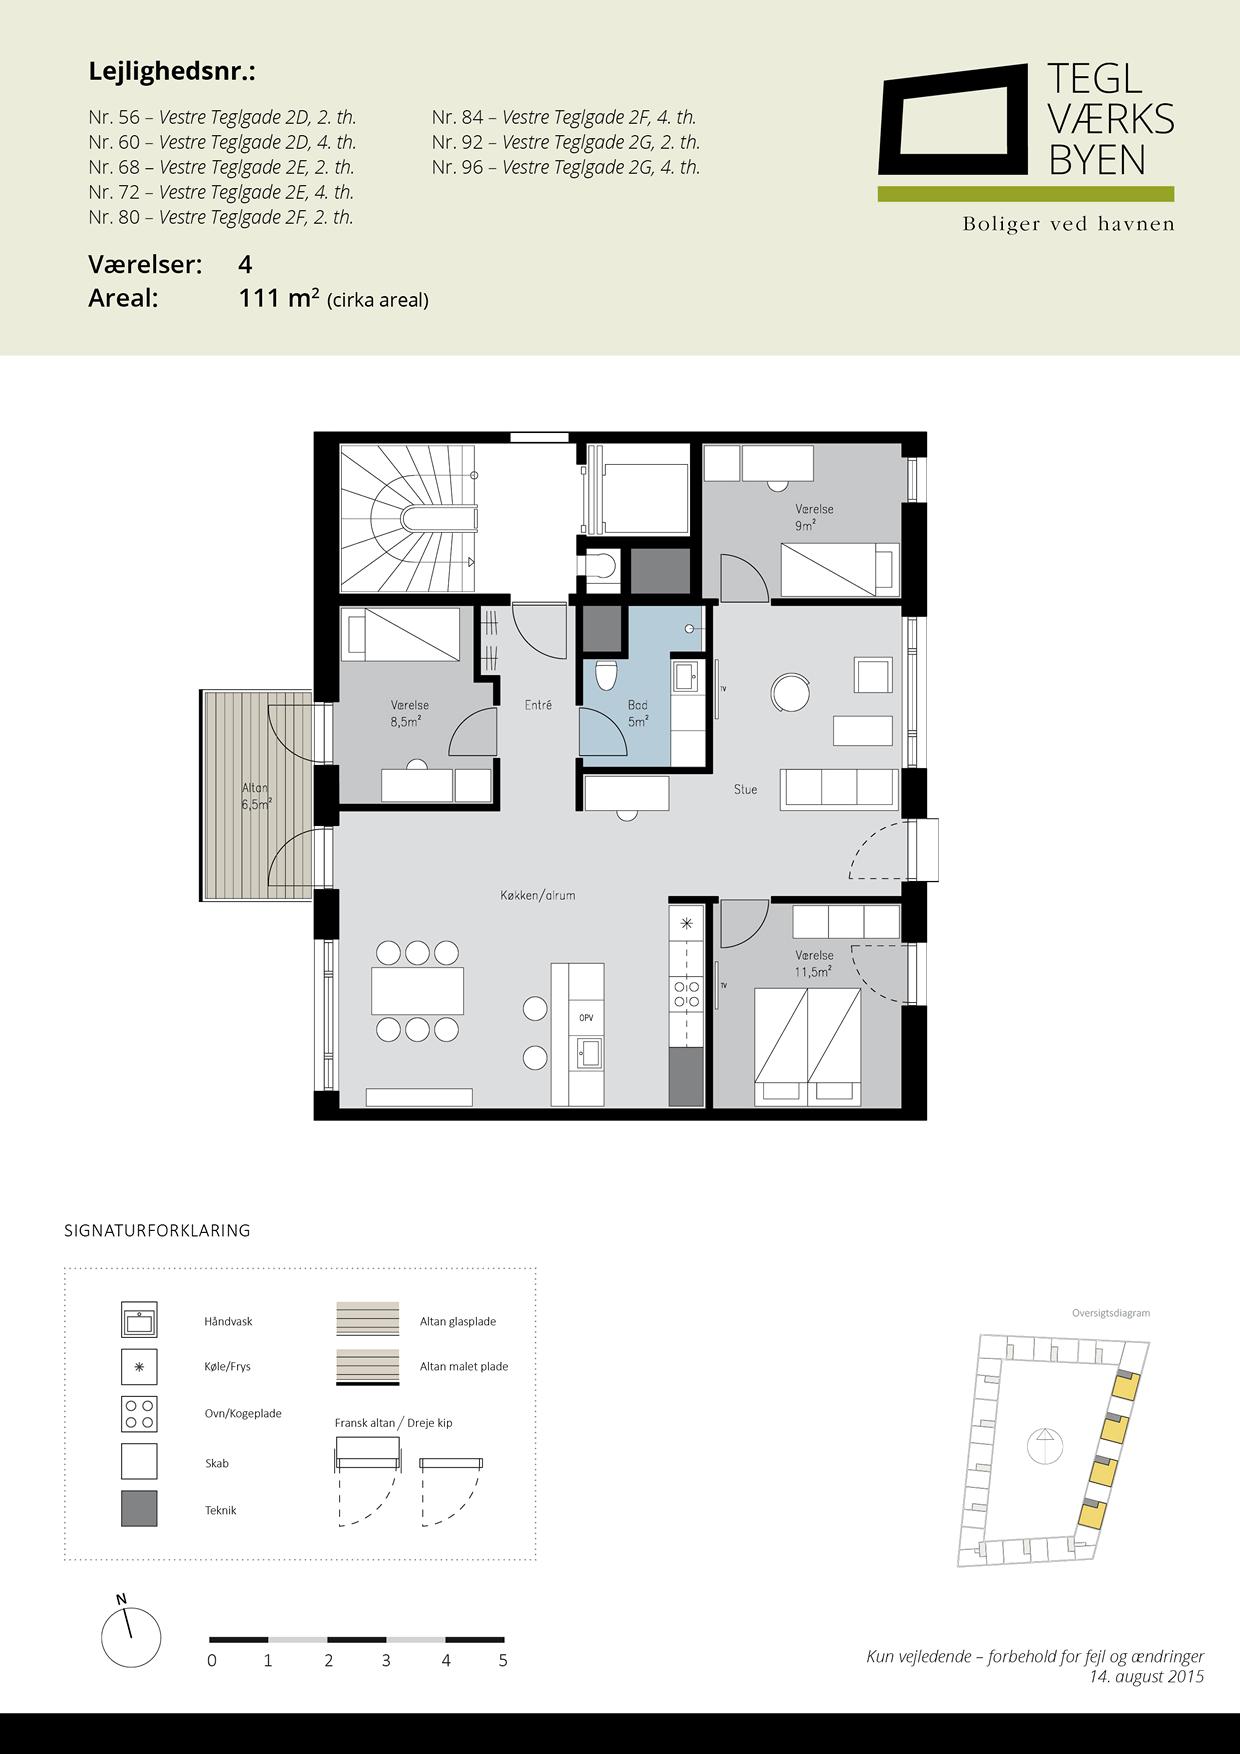 Teglvaerksbyen_56-60-68-72-80-84-92-96_plan